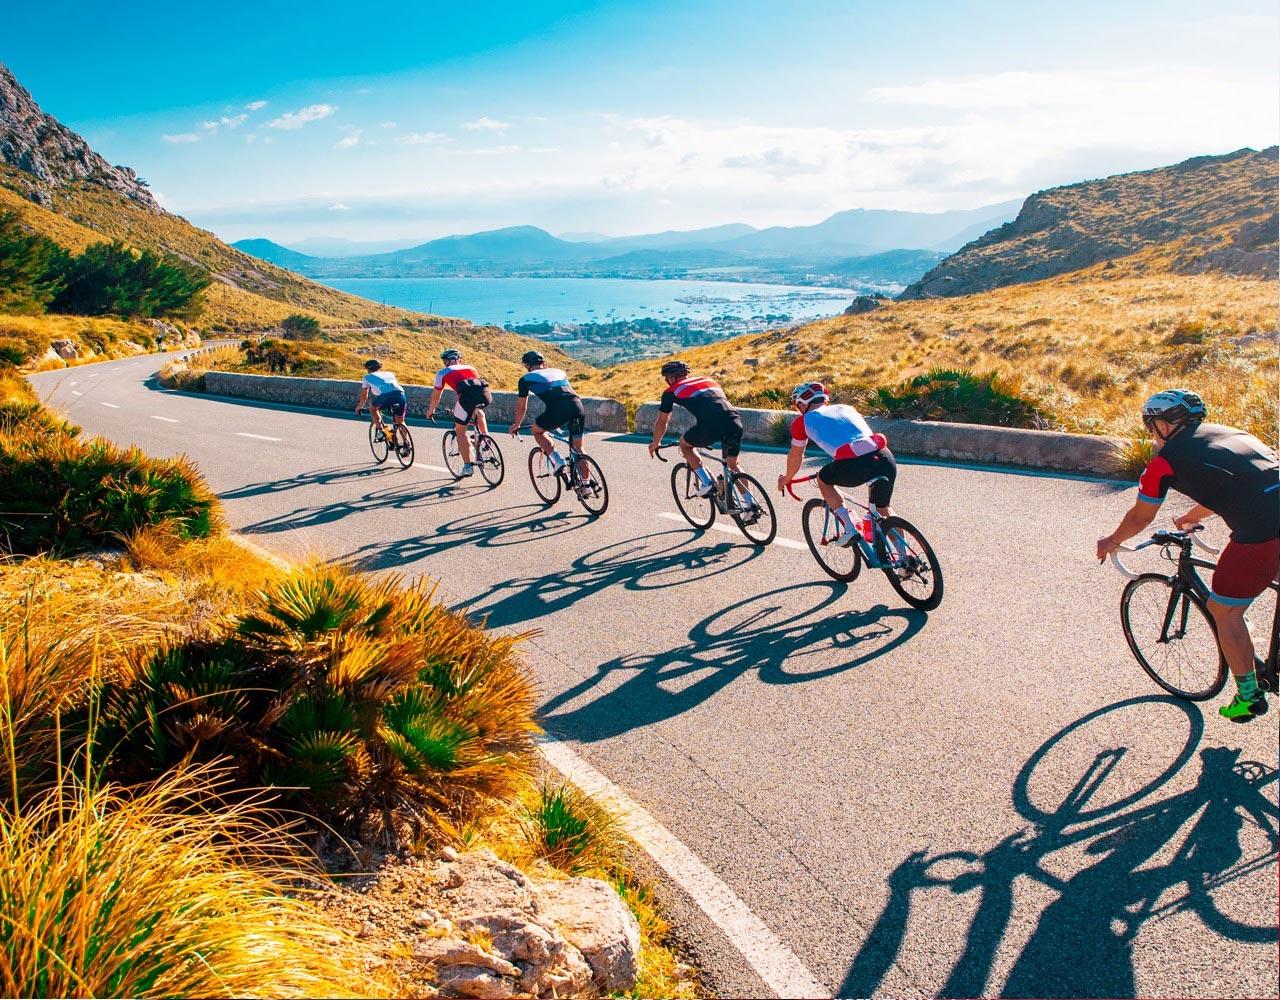 Sykkel, stemning, sykketurer, ferie, reise